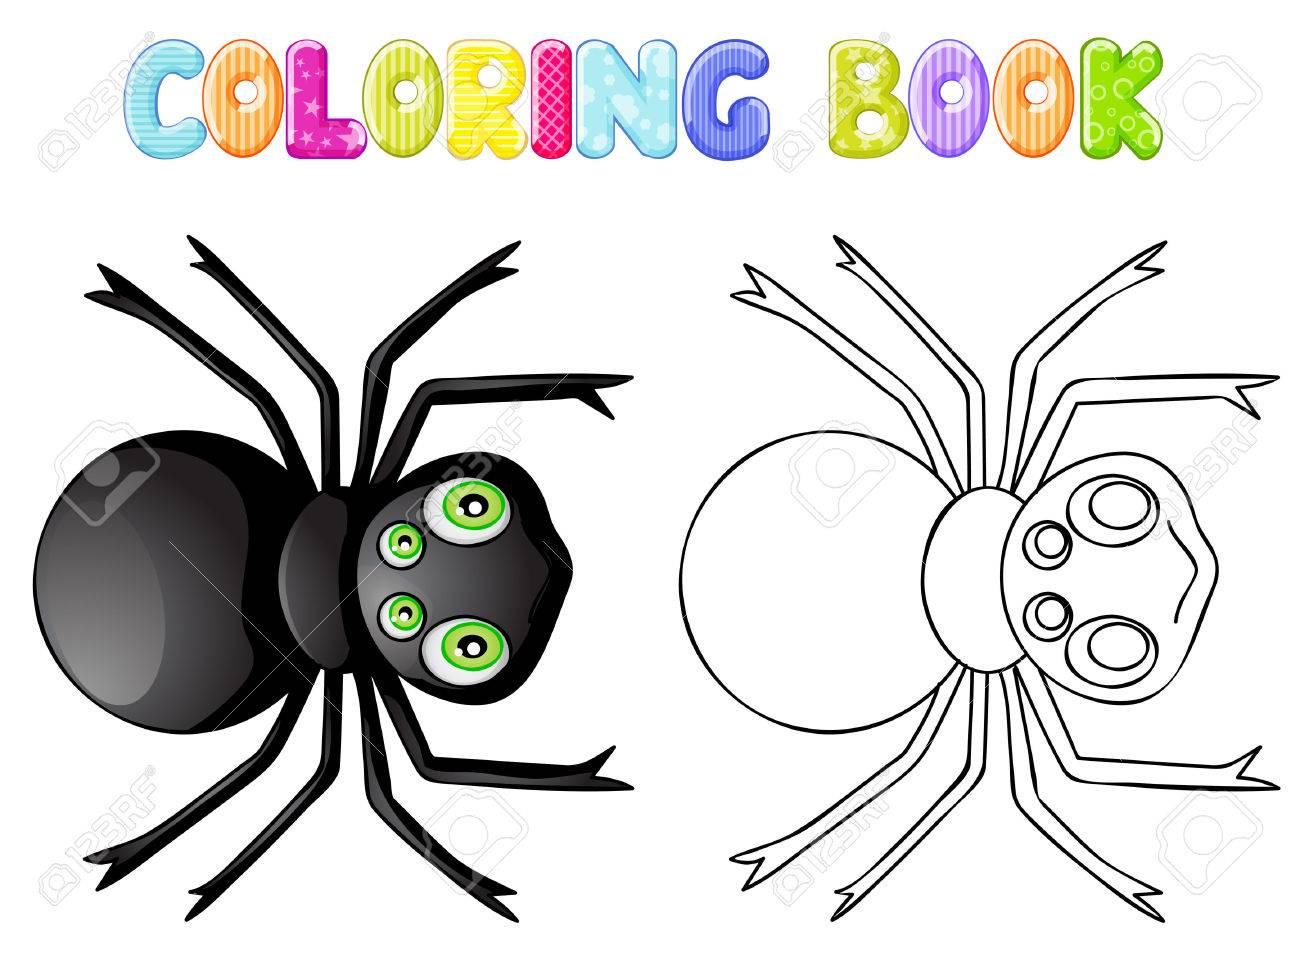 Araña Para Colorear Fotos Retratos Imágenes Y Fotografía De